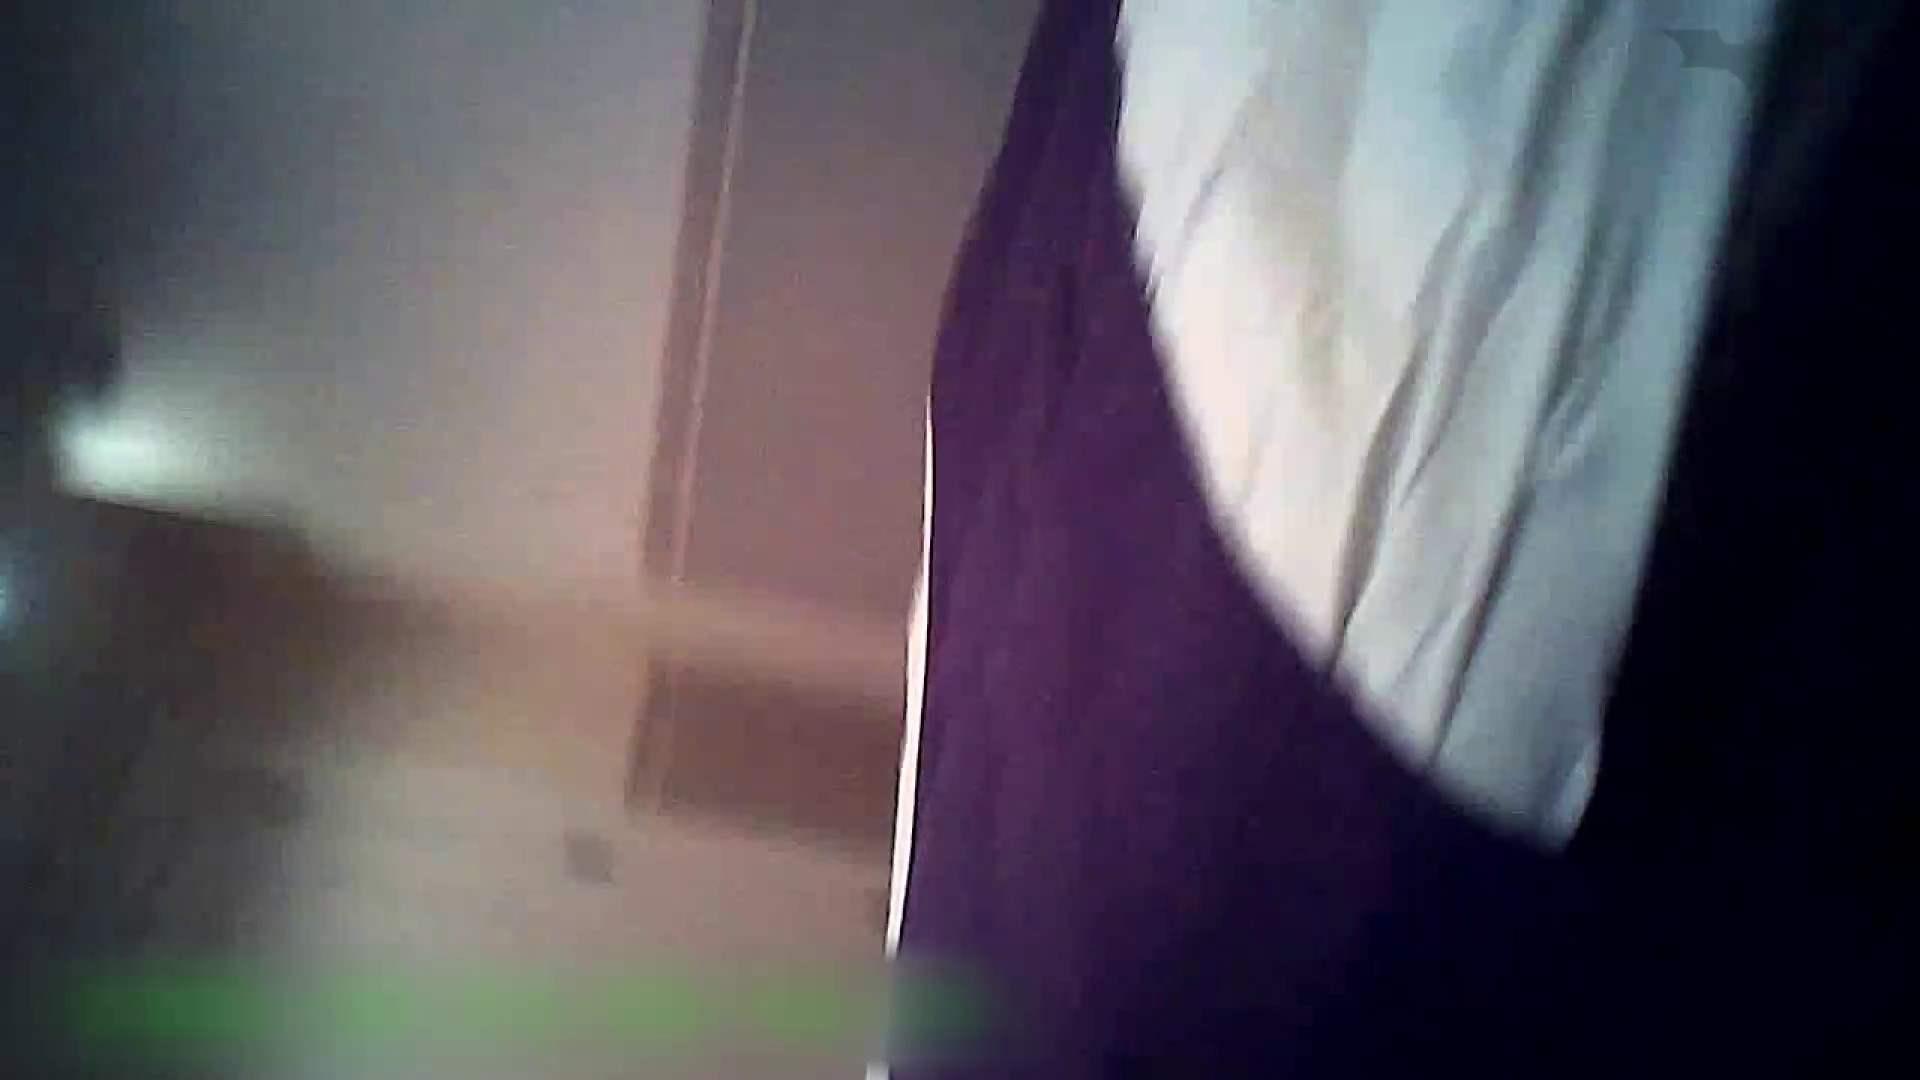 ▲2017_13位▲ 学園アイドル美人女子大生❷(下巻)5人詰合せVol.50 アイドルの実態 すけべAV動画紹介 99pic 3